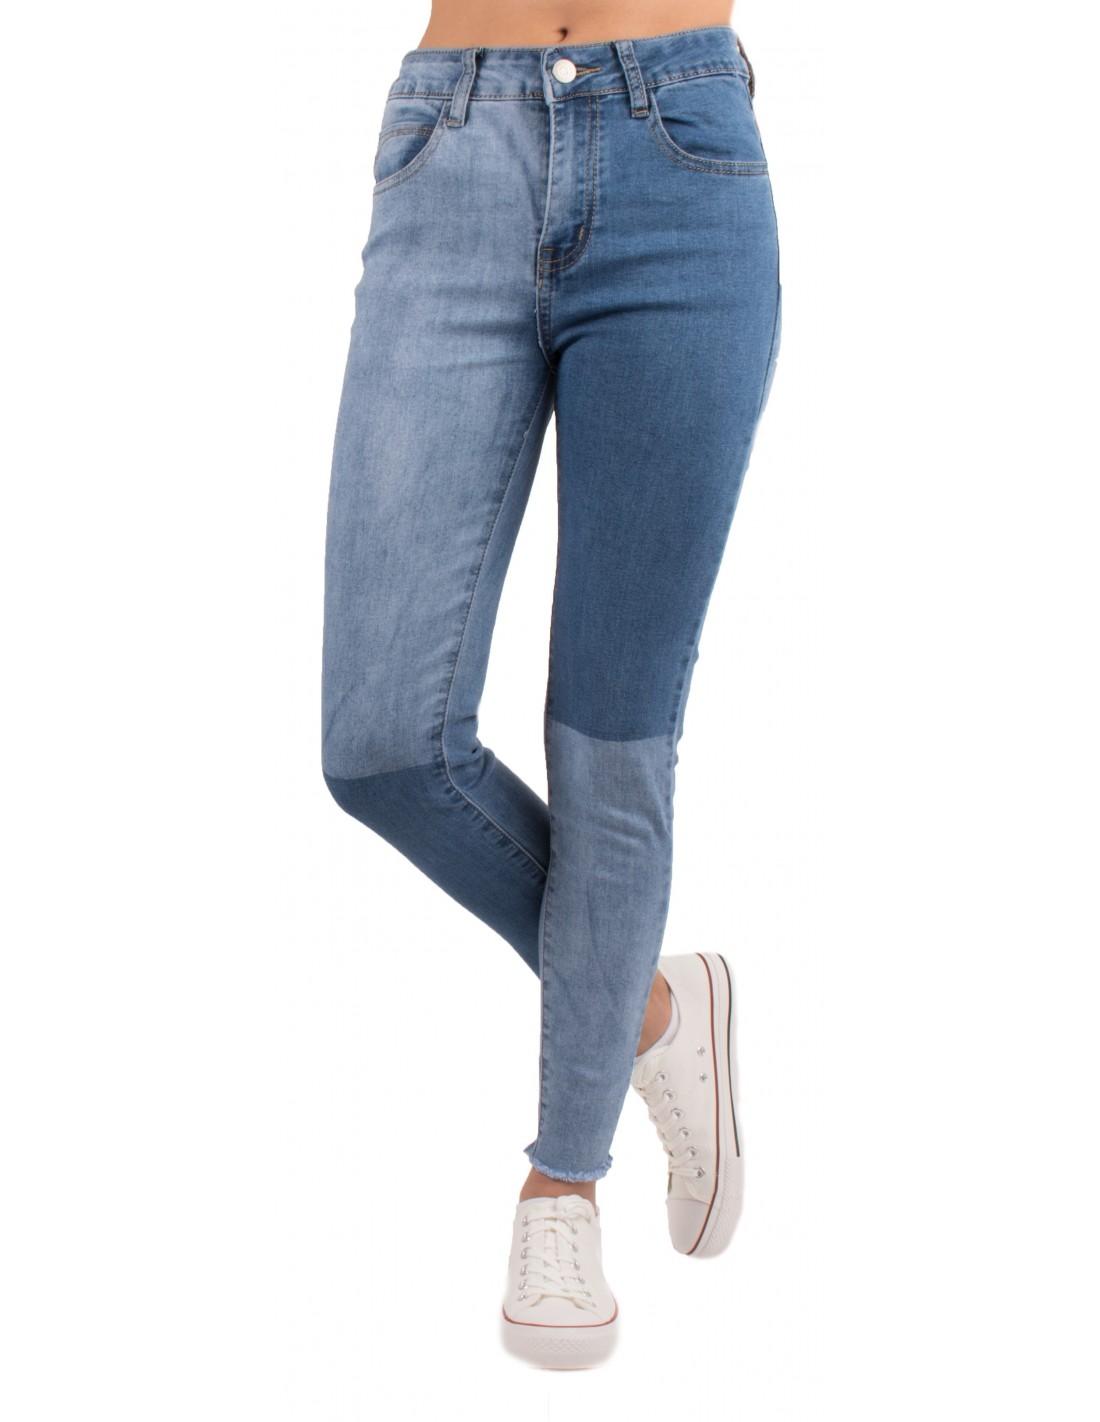 de7b9f9d1f2e4 Jeans slim, droit, destroy... femme à prix mini - Primtex